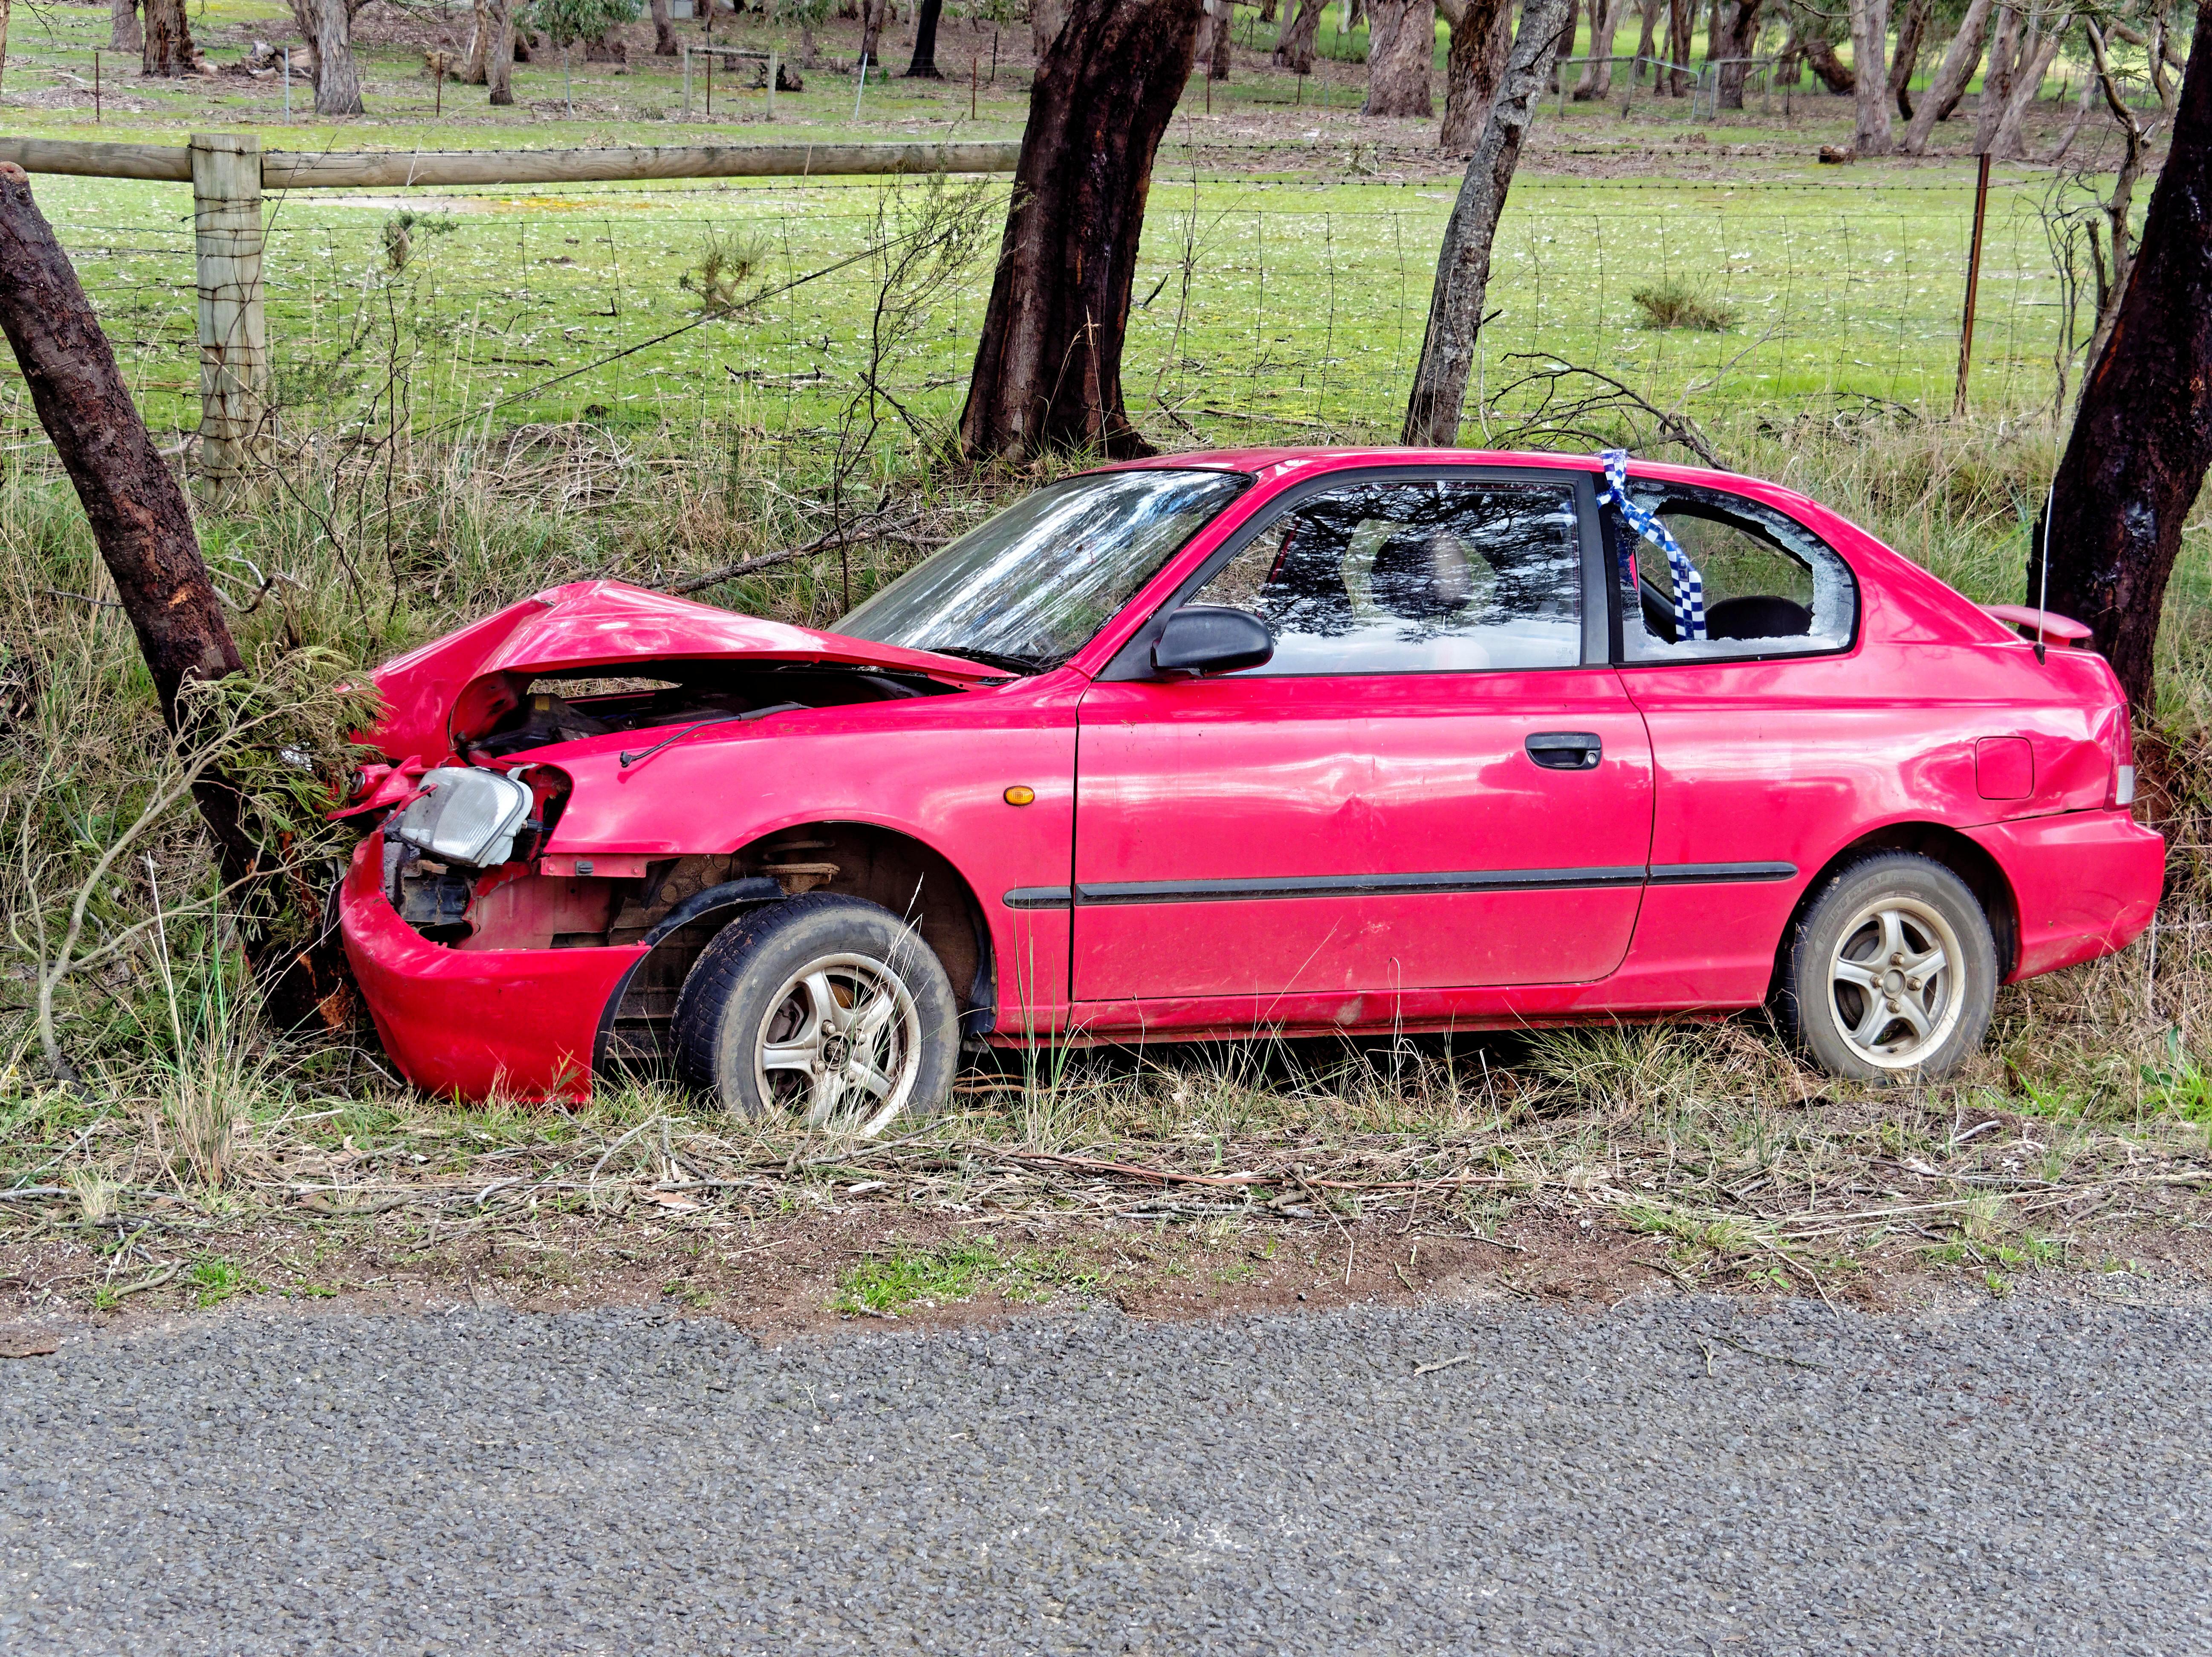 Crashed-car-4.jpeg